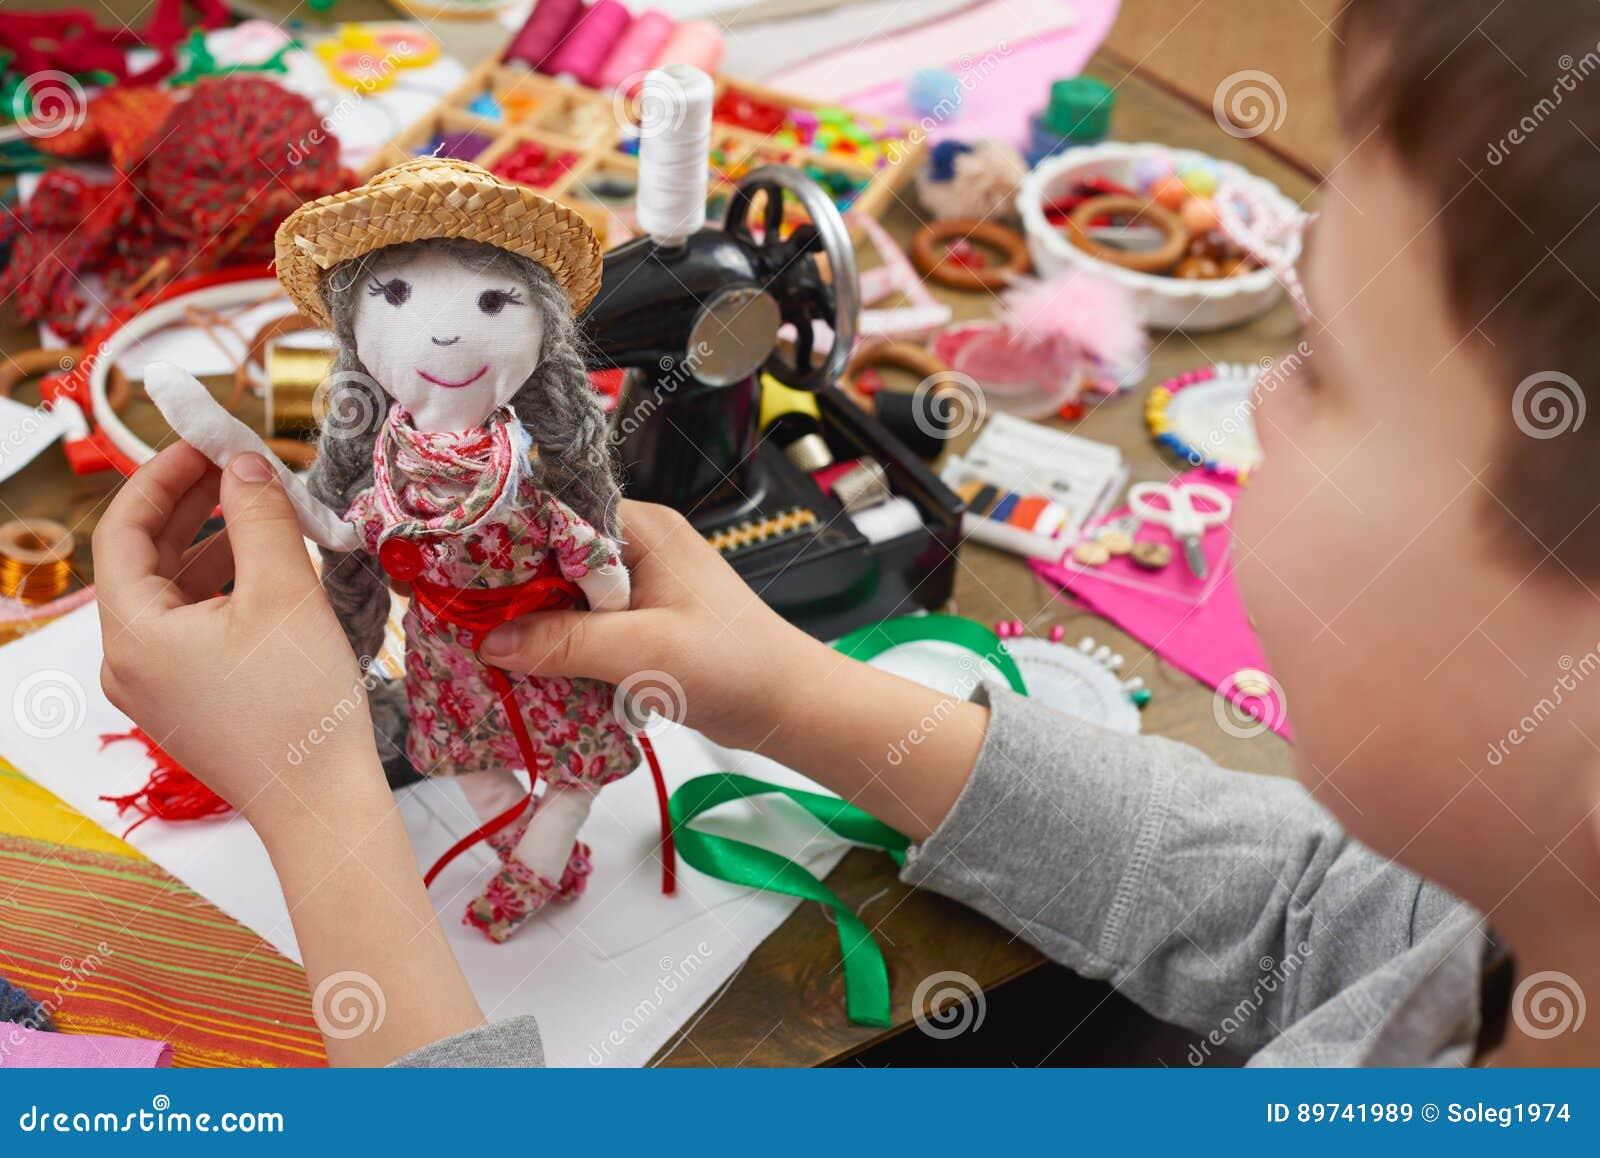 Il sarto del ragazzo impara cucire, vestirsi per il concetto fatto a mano e dell artigianato della bambola,